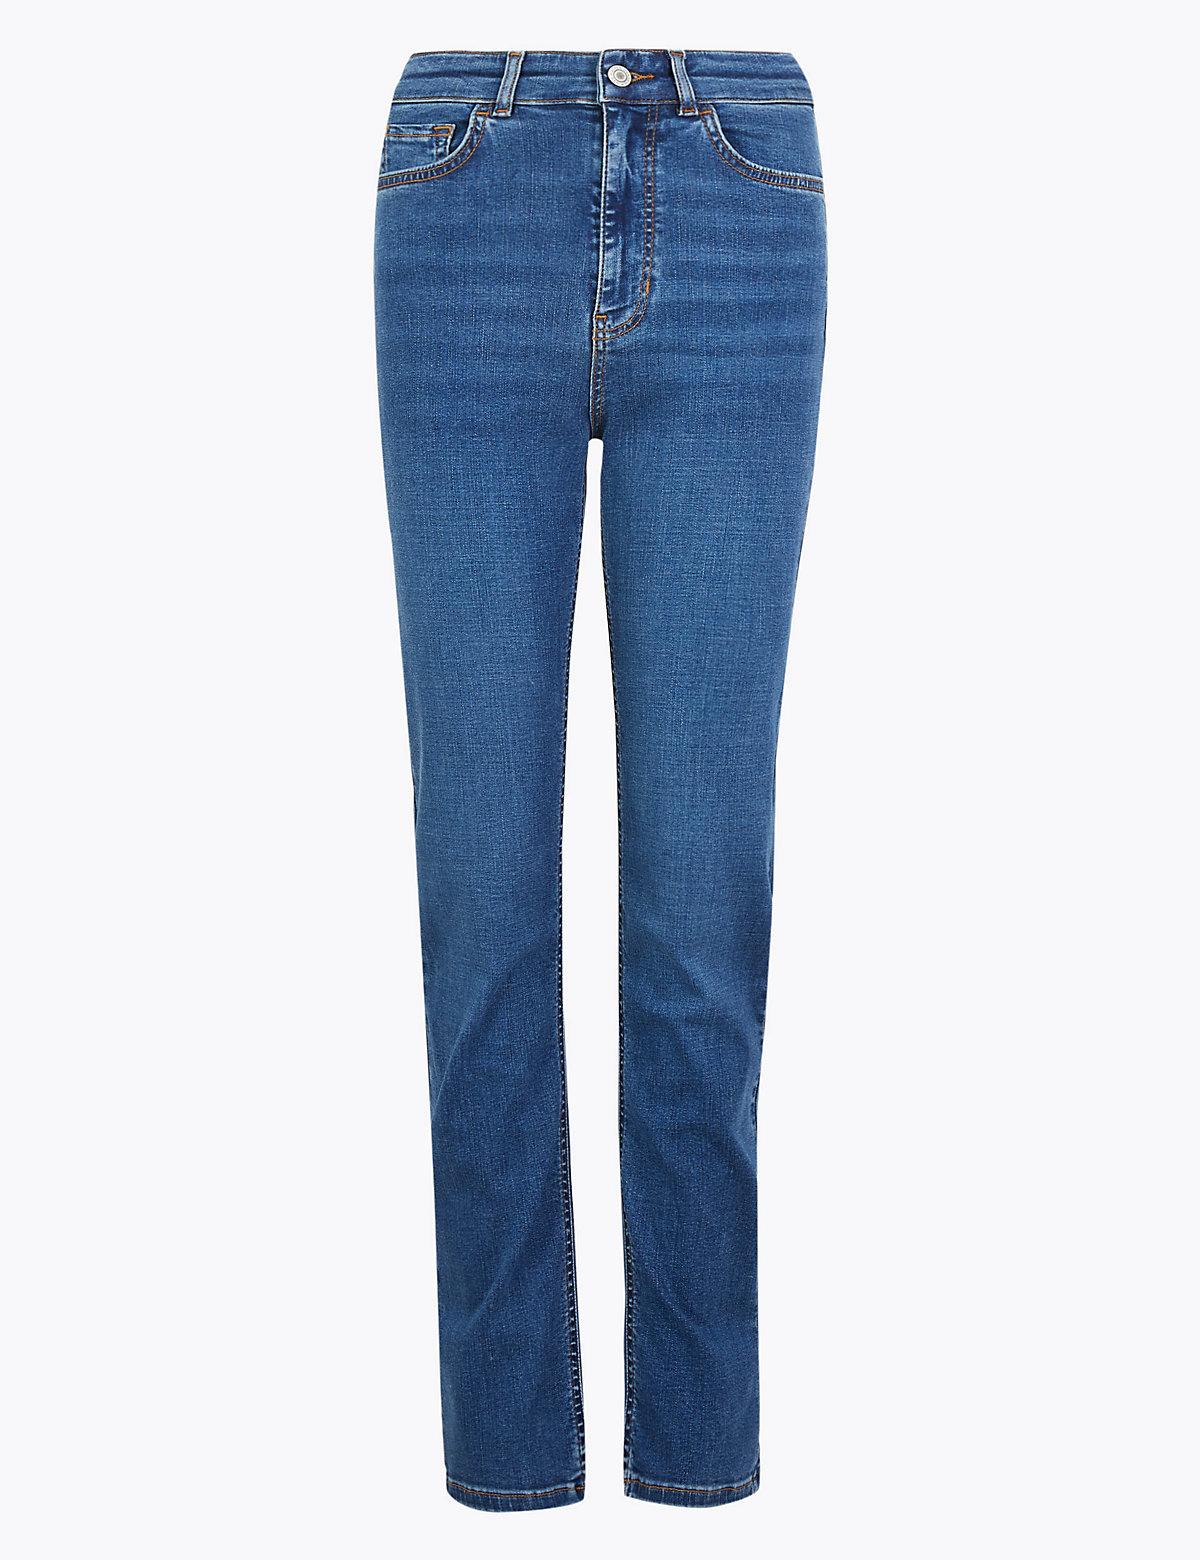 Прямые джинсы из ткани Tencel ™